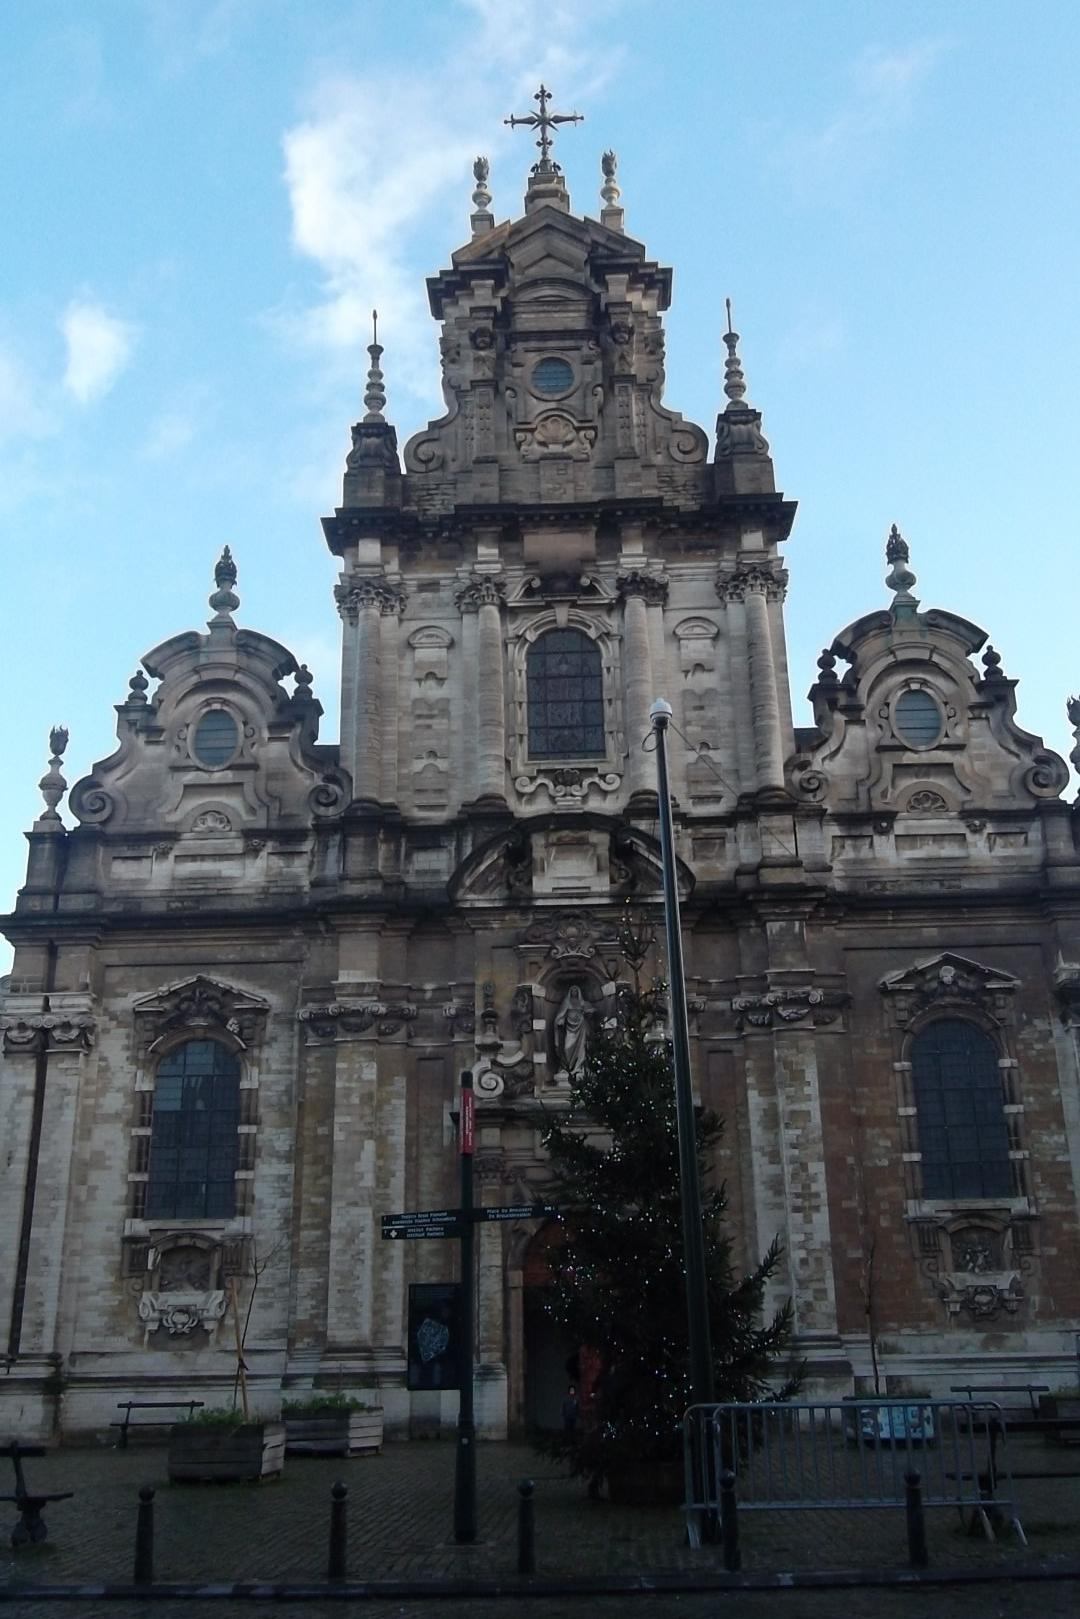 bru-église-saint-jean-baptiste-au-béguinage-front-dec12